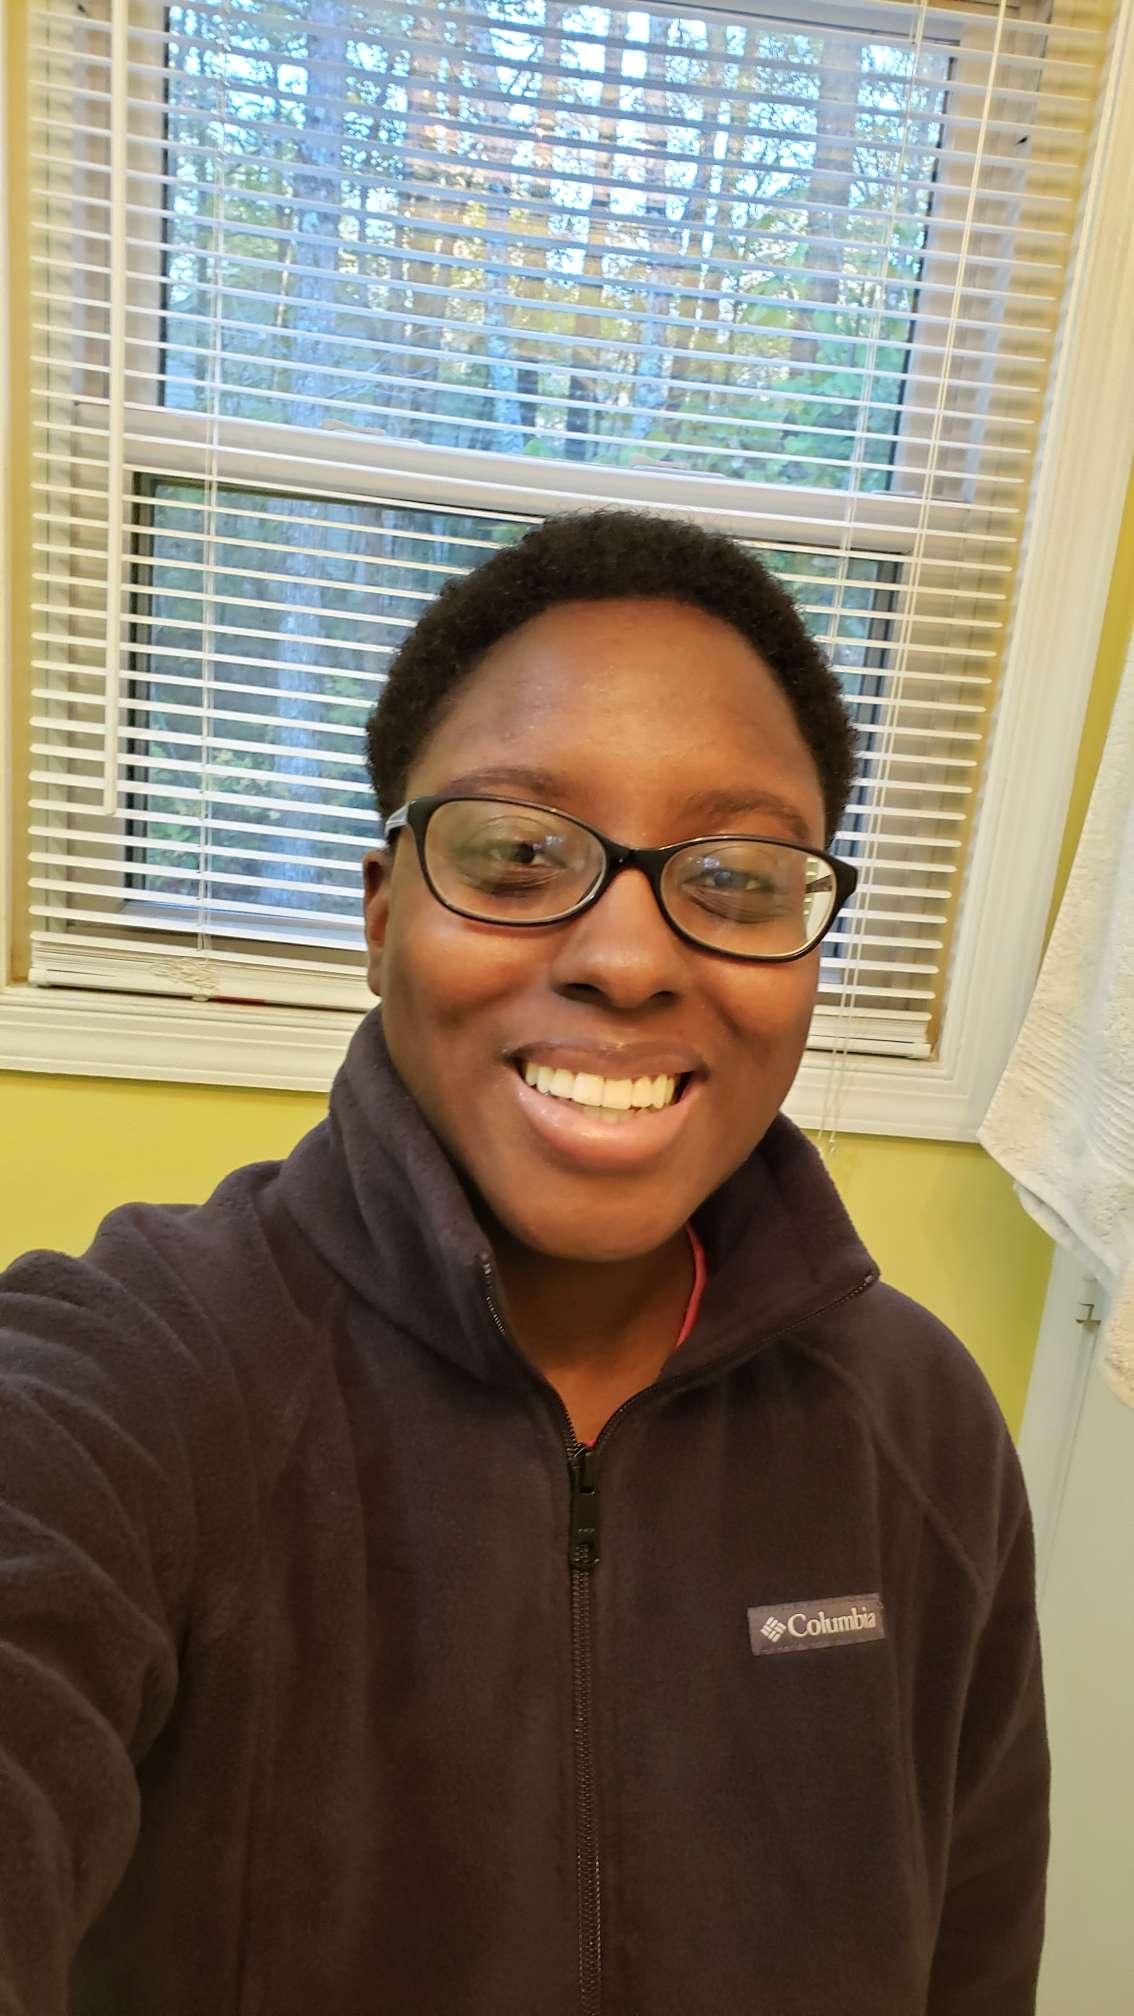 Danielle Williams's profile image